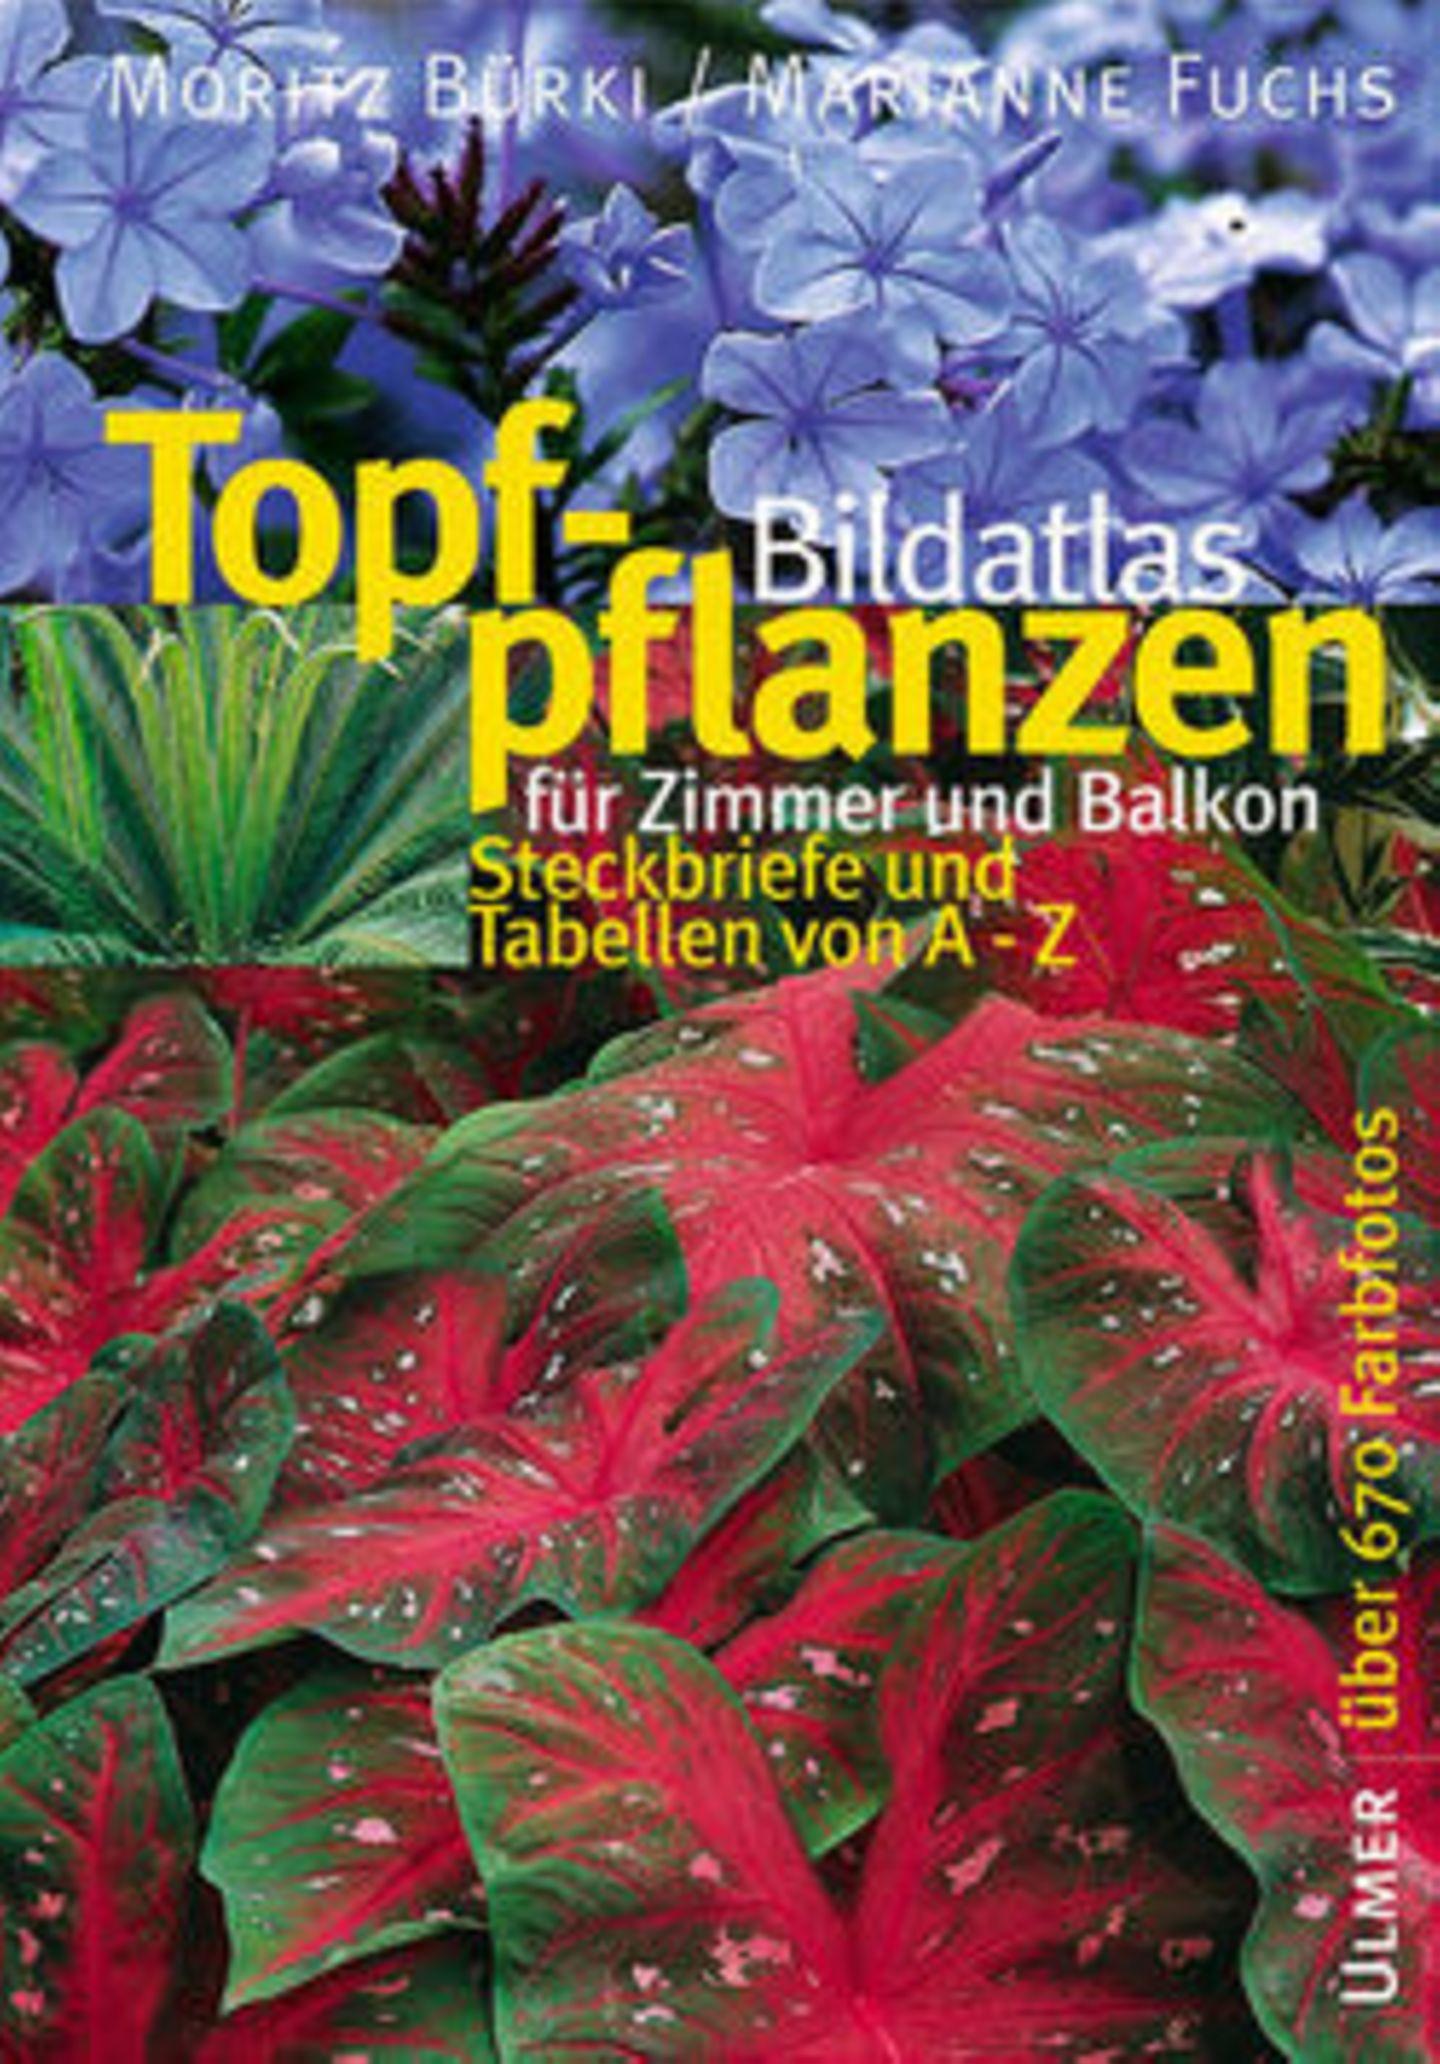 Topfpflanzen Bildatals